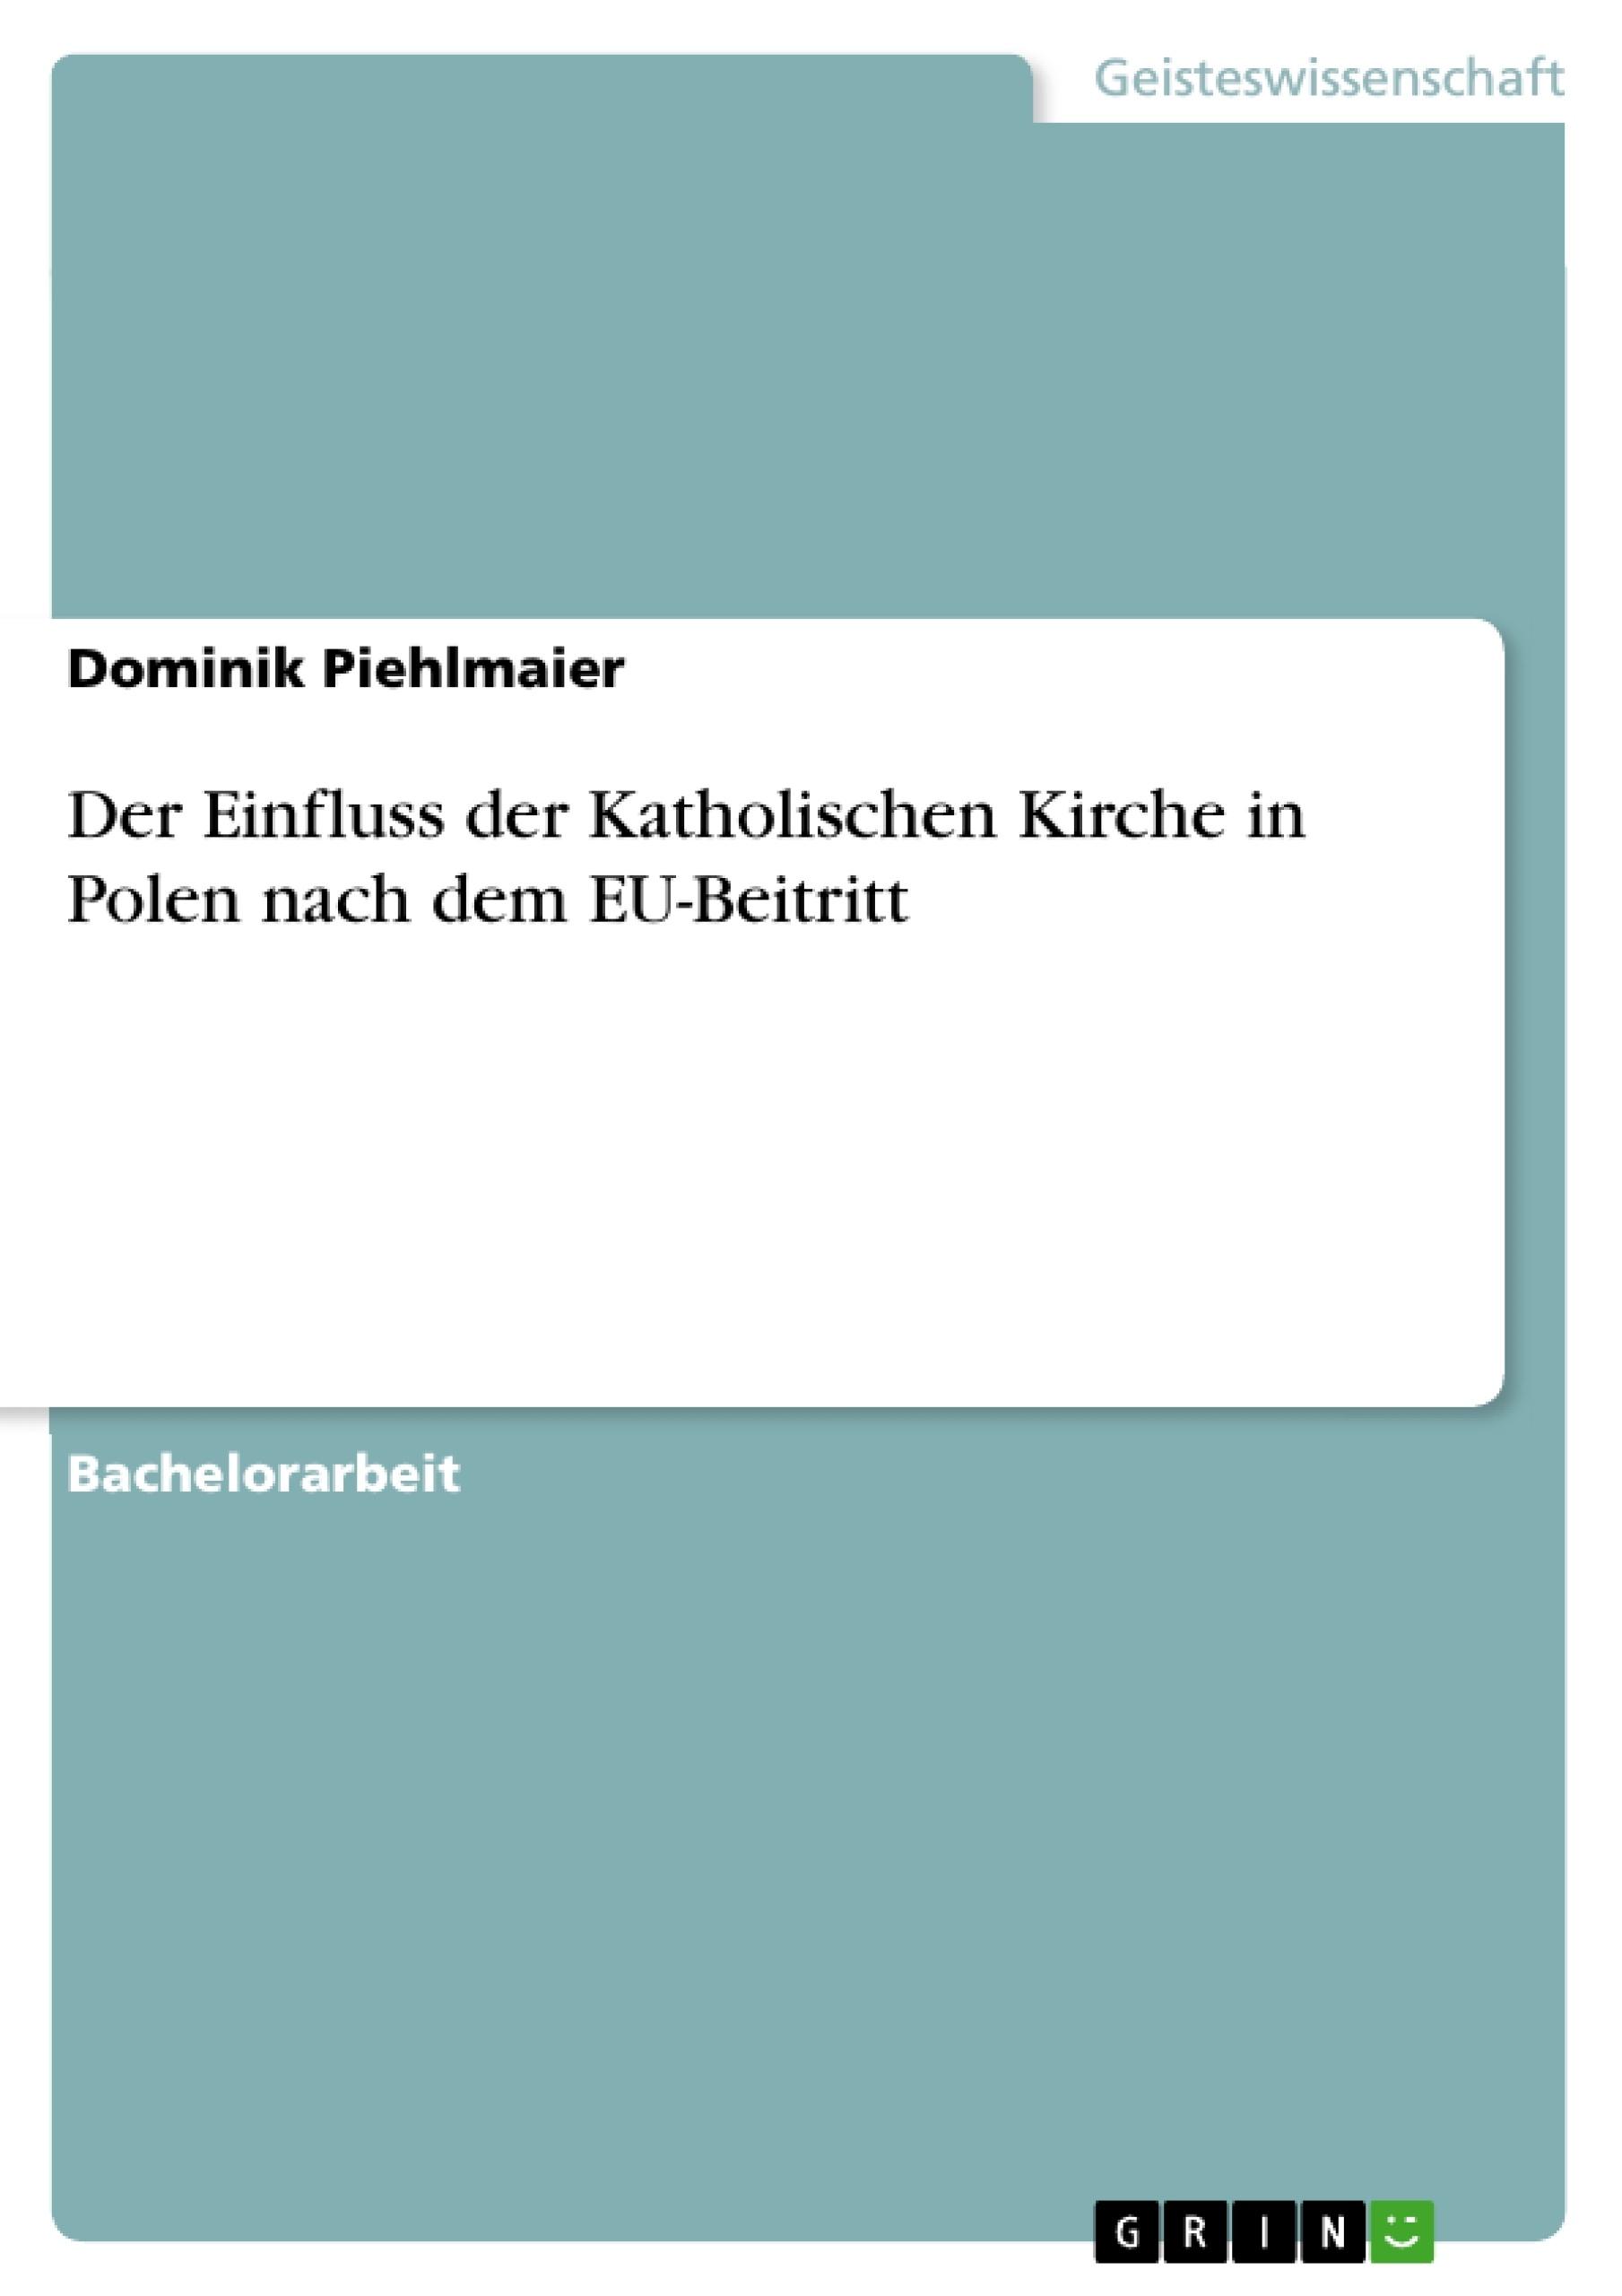 Titel: Der Einfluss der Katholischen Kirche in Polen nach dem EU-Beitritt